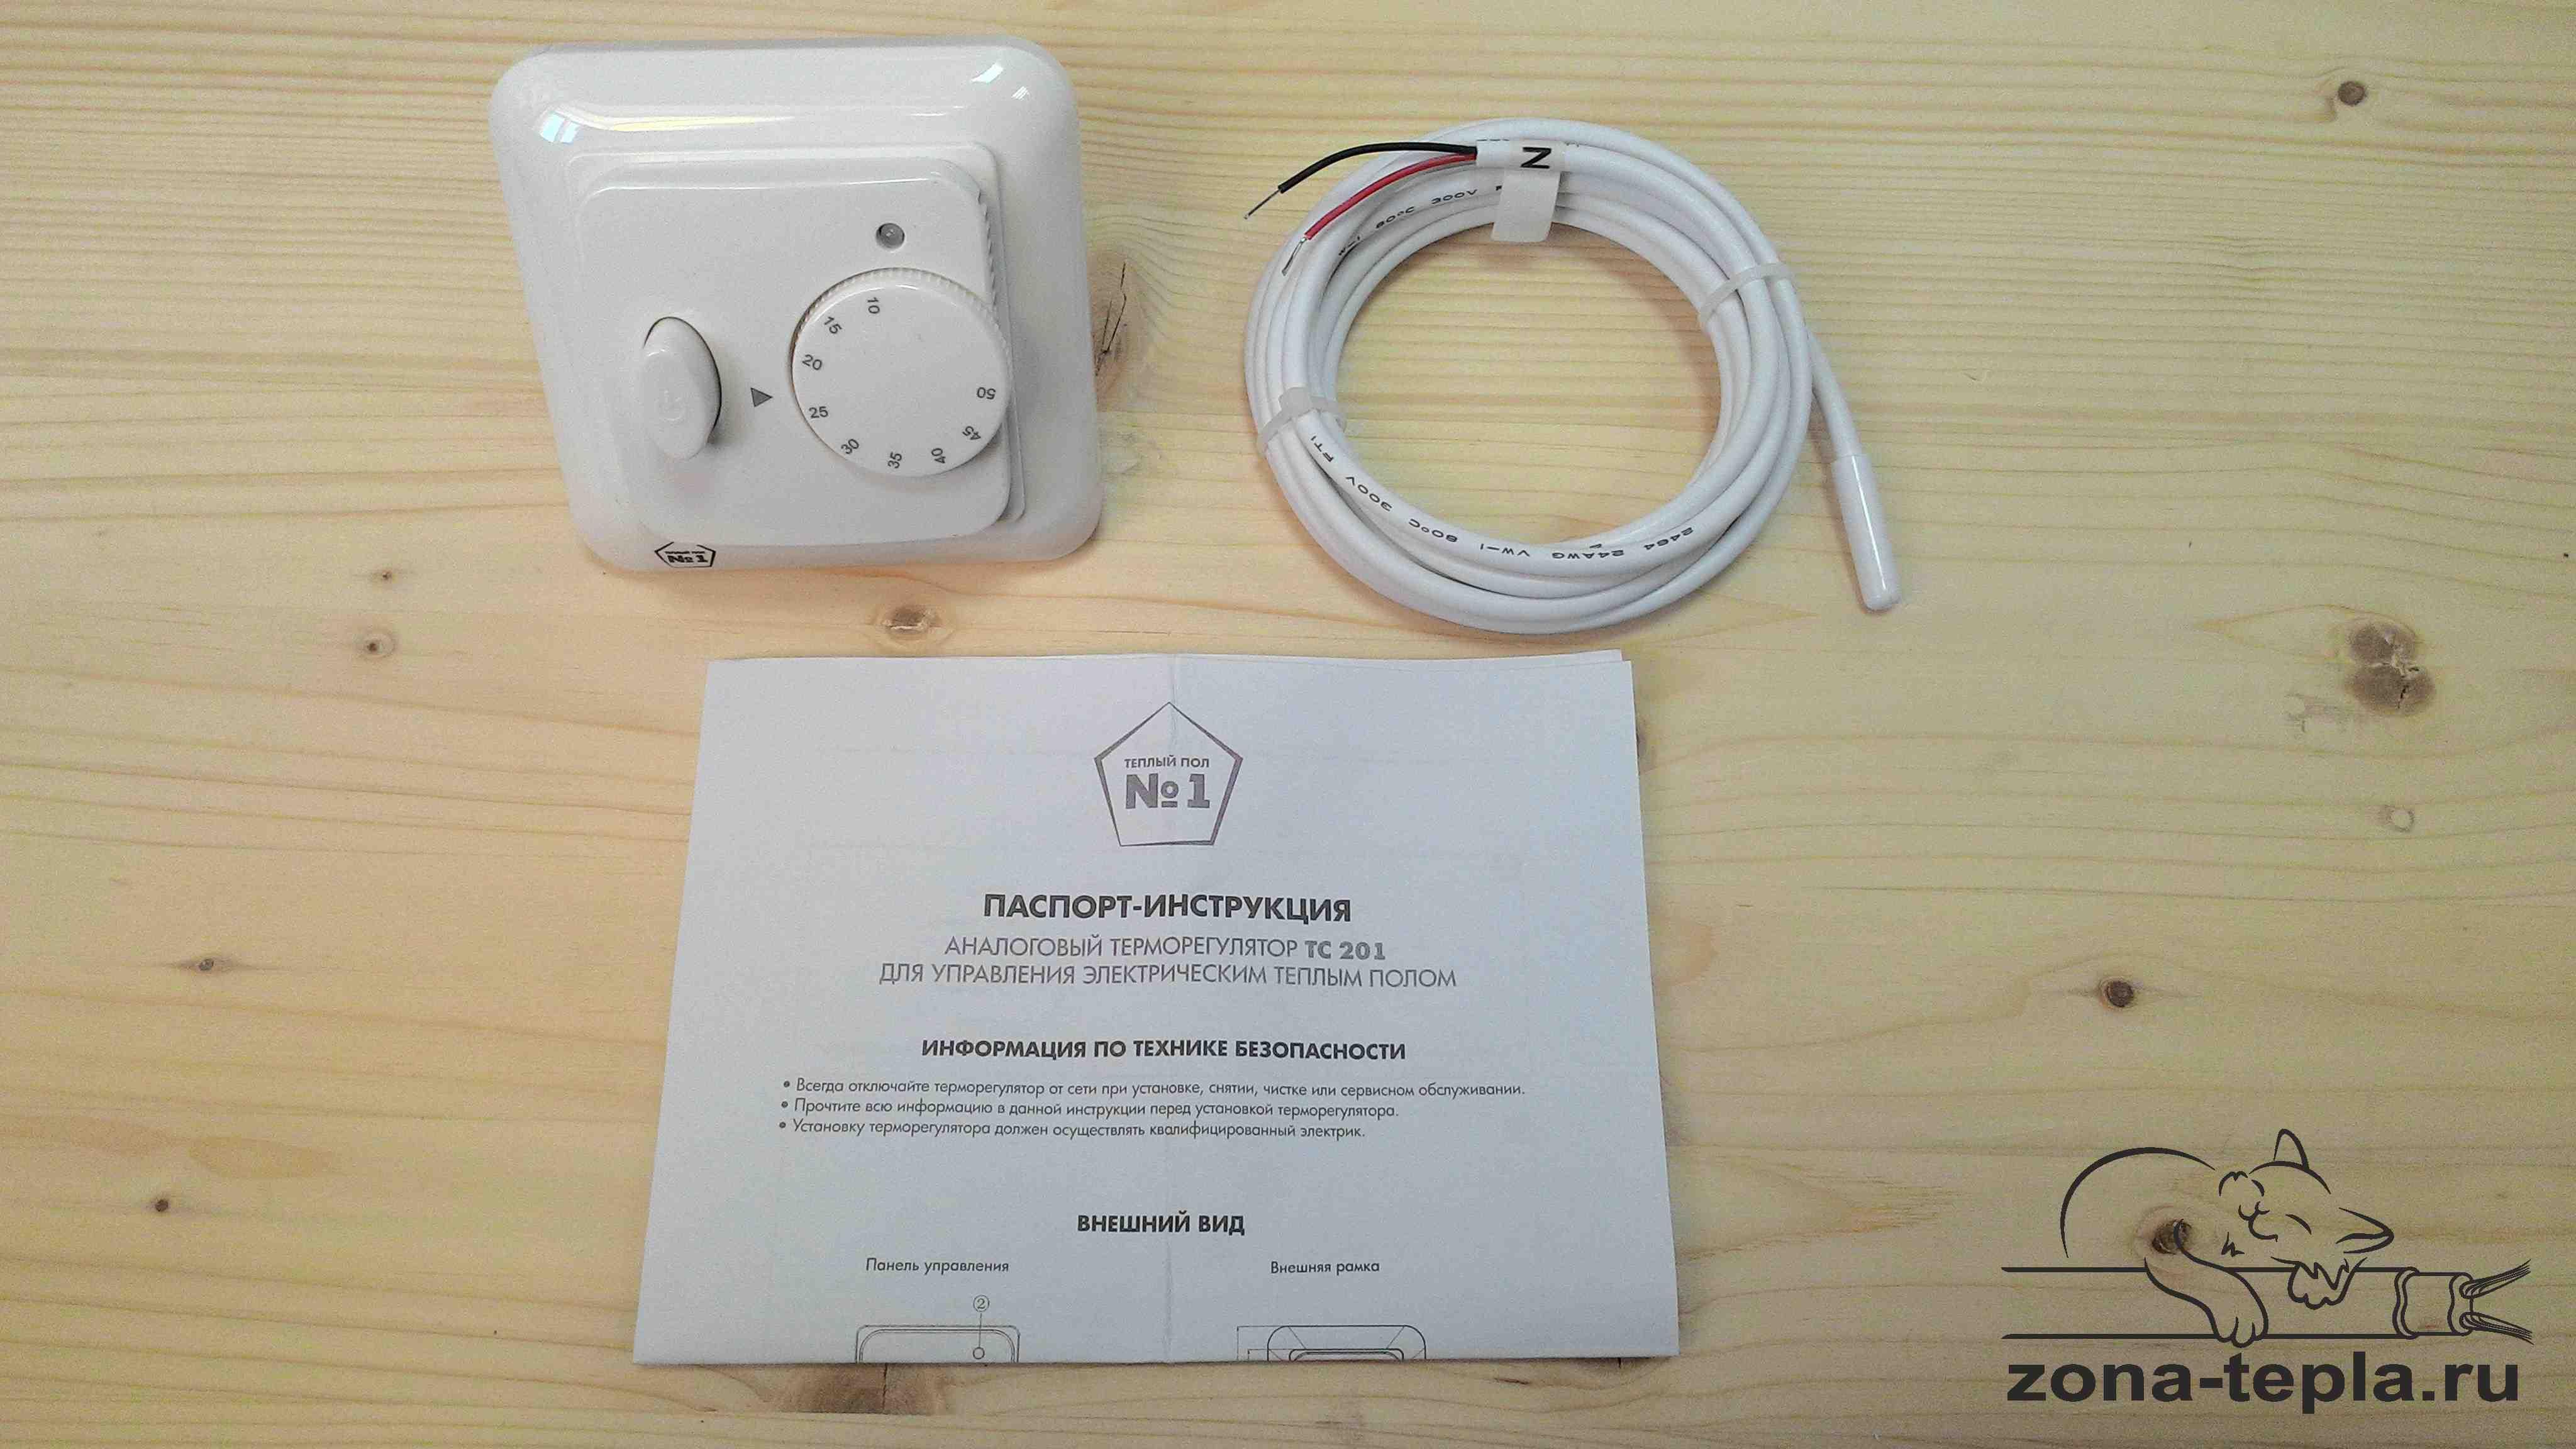 Терморегулятор для теплого пола TC-201 комплект поставки